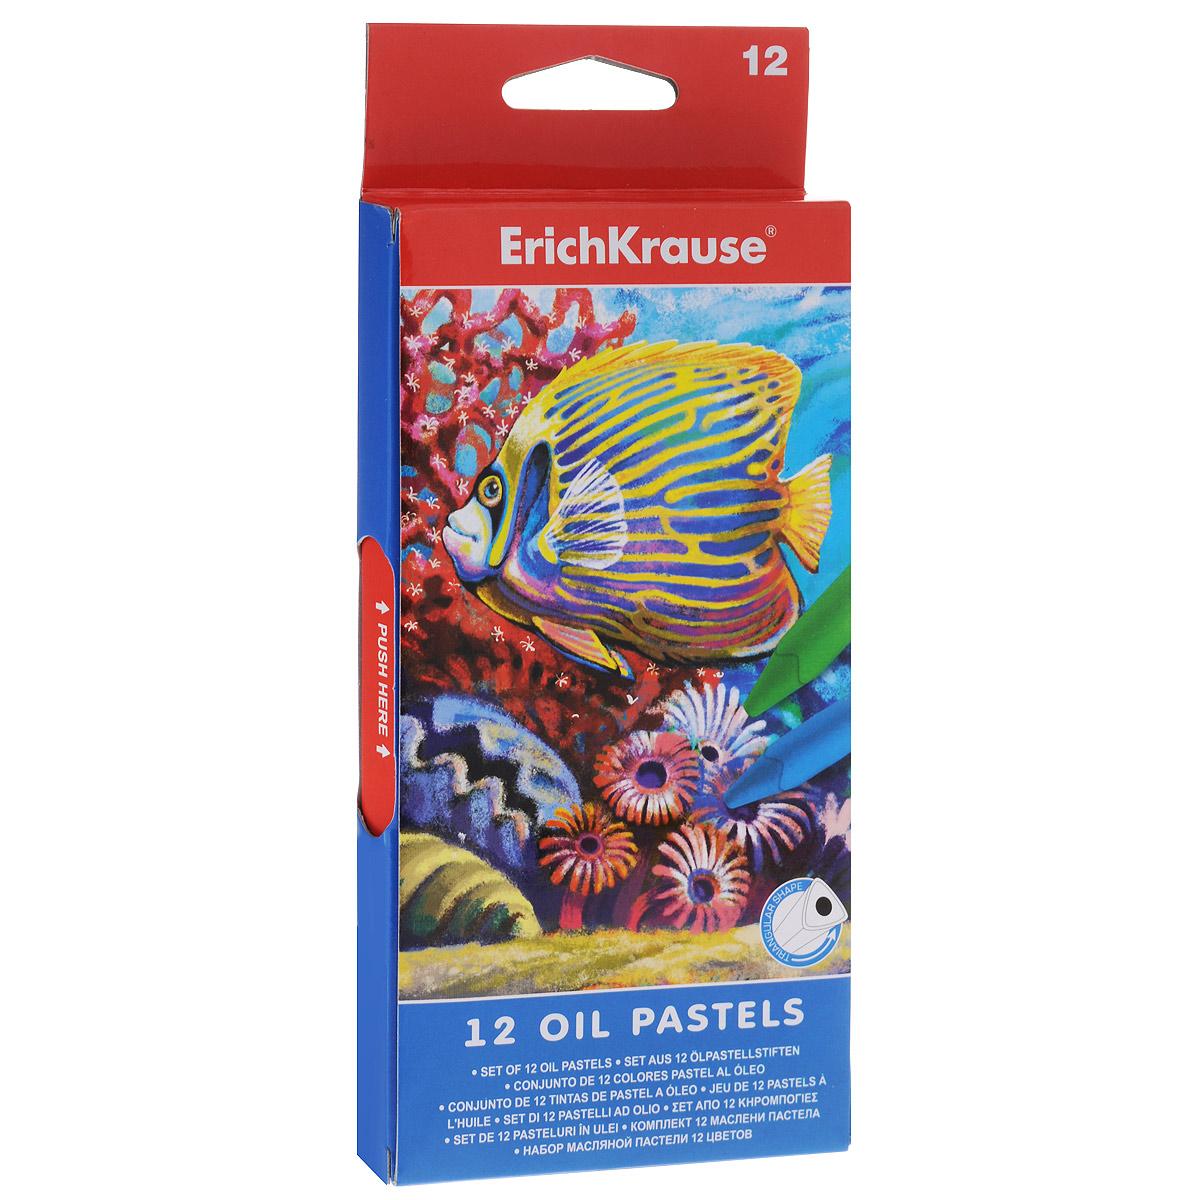 Пастель масляная Erich Krause, 12 шт34933Пастель масляная Erich Krause изготавливается с использованиемсветоустойчивых пигментов. Основа масляной пастели - воск и минеральныемасла. В наборе - 12 разных цветов. Удобный эргономичный корпус позволяет рисовать в разных техниках. Пастельлегко смешивается и растушевывается подушечками пальцев. Каждый мелок виндивидуальной бумажной обертке. Комплектация: 12 шт.